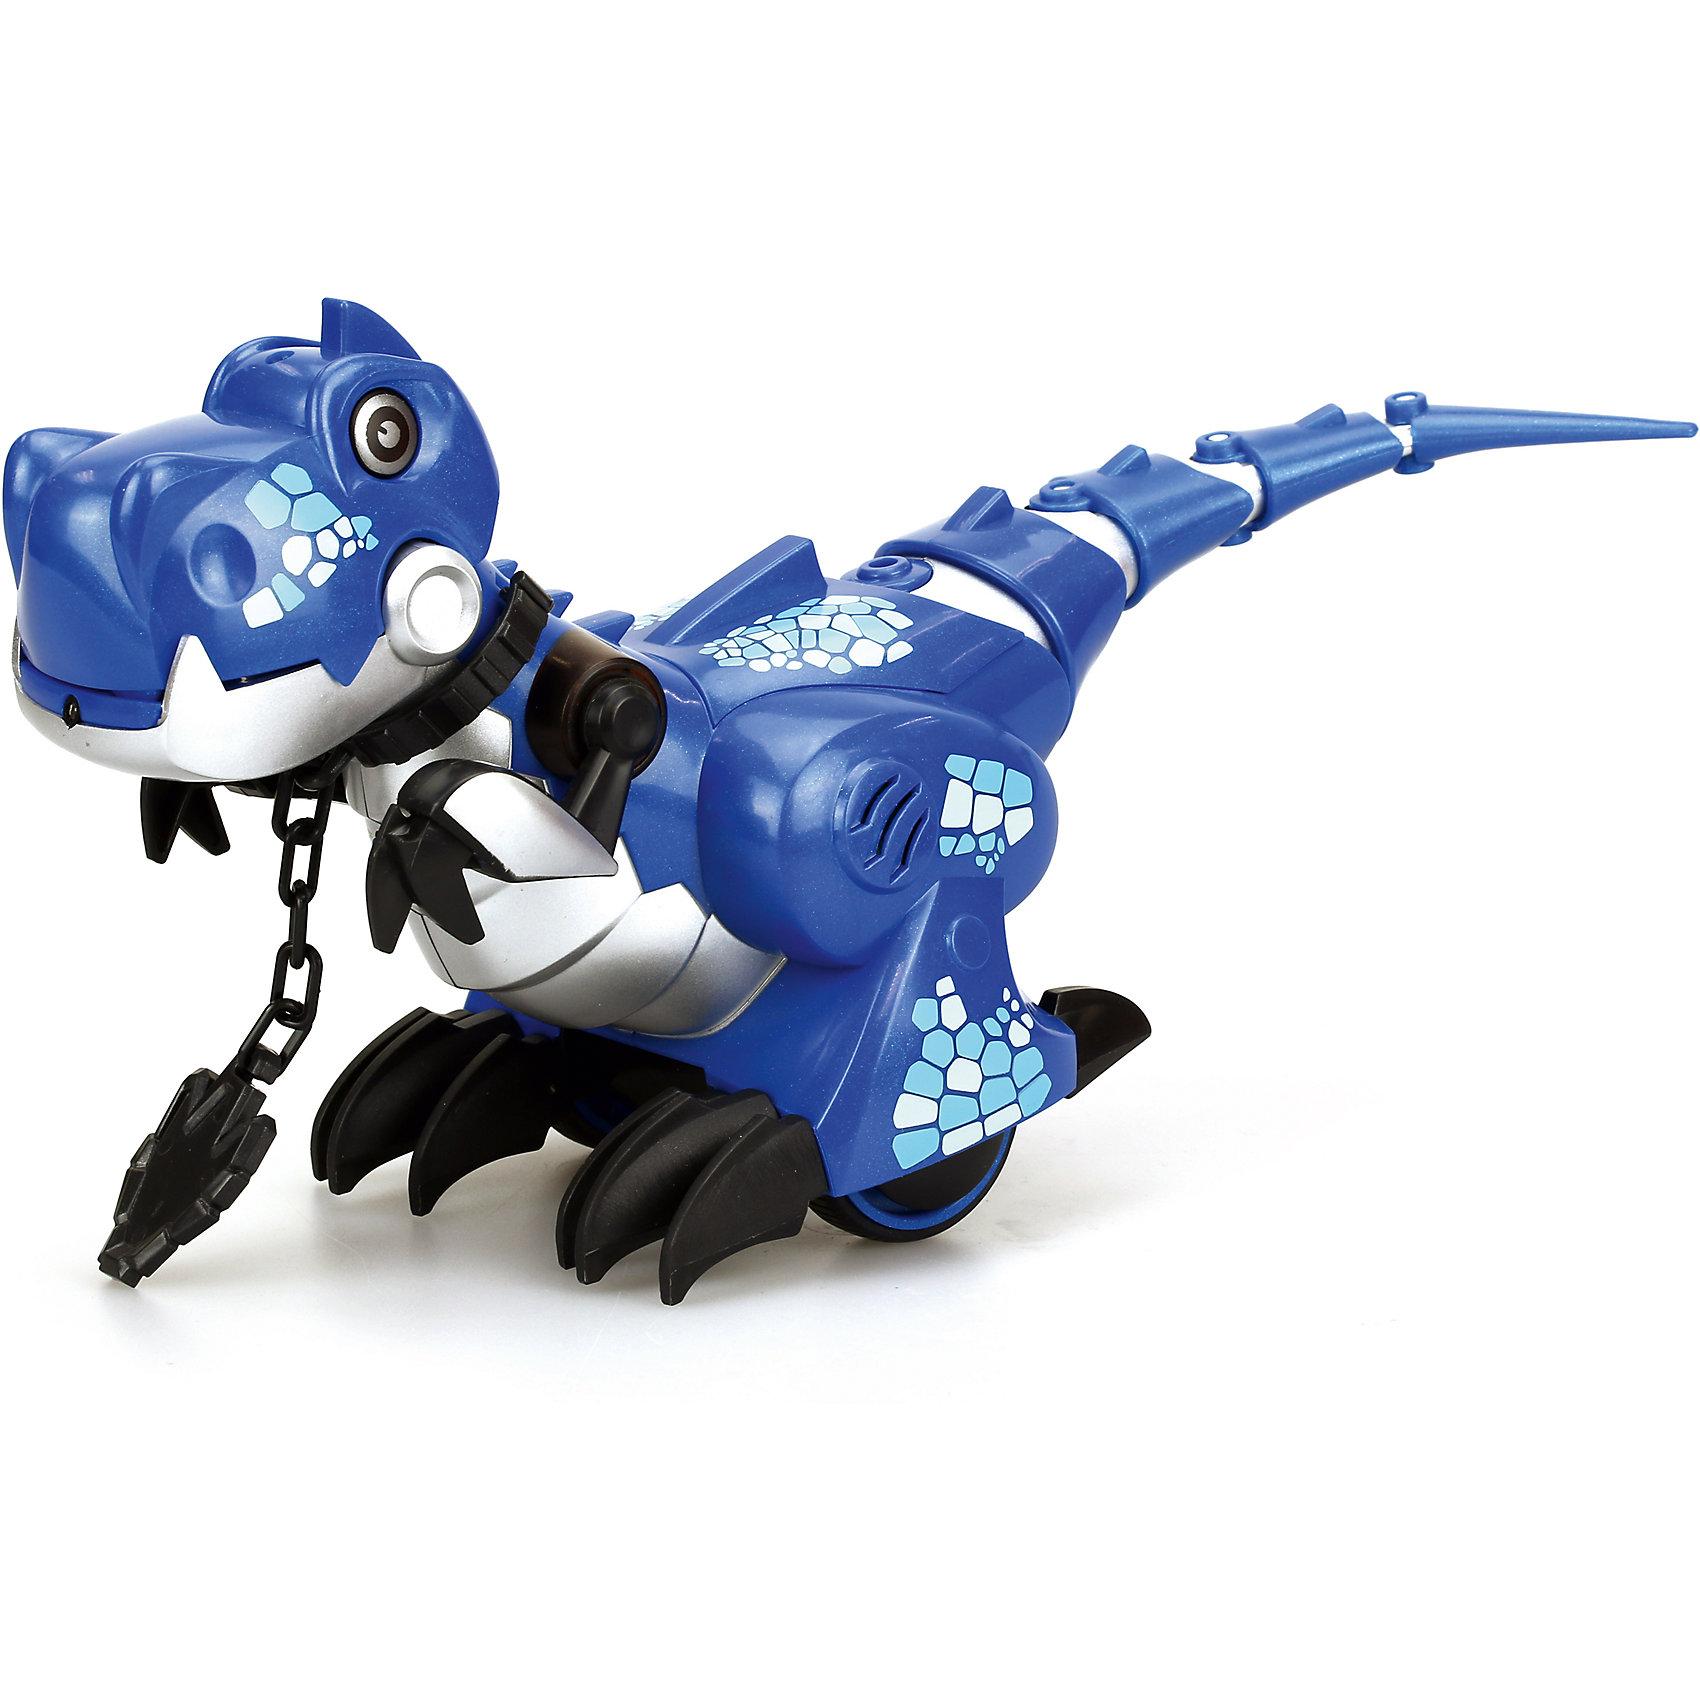 Интерактивная игрушка Silverlit Приручи динозавра (свет, звук), синийРоботы<br>Характеристики товара:<br><br>• возраст: от 5 лет;<br>• материал: пластик, металл;<br>• в комплекте: динозавр, пульт, ошейник, инструкция;<br>• тип батареек: 6 батареек ААА;<br>• наличие батареек: нет в комплекте;<br>• размер игрушки 26,5х10,5х18,5 см;<br>• размер упаковки: 34,2х21,5х15,2 см;<br>• вес упаковки: 760 гр.;<br>• страна производитель: Китай.<br><br>Игрушка «Приручи динозавра» Silverlit синяя — интерактивный робот, выполненный в виде динозавра, который умеет двигаться и выполнять команды. Динозавр работает в 2 режимах «Дикий» и «Домашний». <br><br>В режиме «Дикий» он ведет себя, как настоящий динозавр, двигается и издает звуки, похожие на рычание. В режиме «Домашний» роботом можно управлять и давать ему команды, надев на него специальный ошейник. В этом режиме динозавр будет двигаться вперед, назад, направо и налево.<br><br>Управляется игрушка пультом управления. Робот оснащен световыми и звуковыми эффектами. В зависимости от режима его глаза горят различными цветами. Во время движения срабатывают сенсорные датчики, что позволяет динозавру огибать препятствия. <br><br>Игрушку «Приручи динозавра» Silverlit синюю можно приобрести в нашем интернет-магазине.<br><br>Ширина мм: 215<br>Глубина мм: 152<br>Высота мм: 342<br>Вес г: 760<br>Возраст от месяцев: 60<br>Возраст до месяцев: 2147483647<br>Пол: Унисекс<br>Возраст: Детский<br>SKU: 5631989